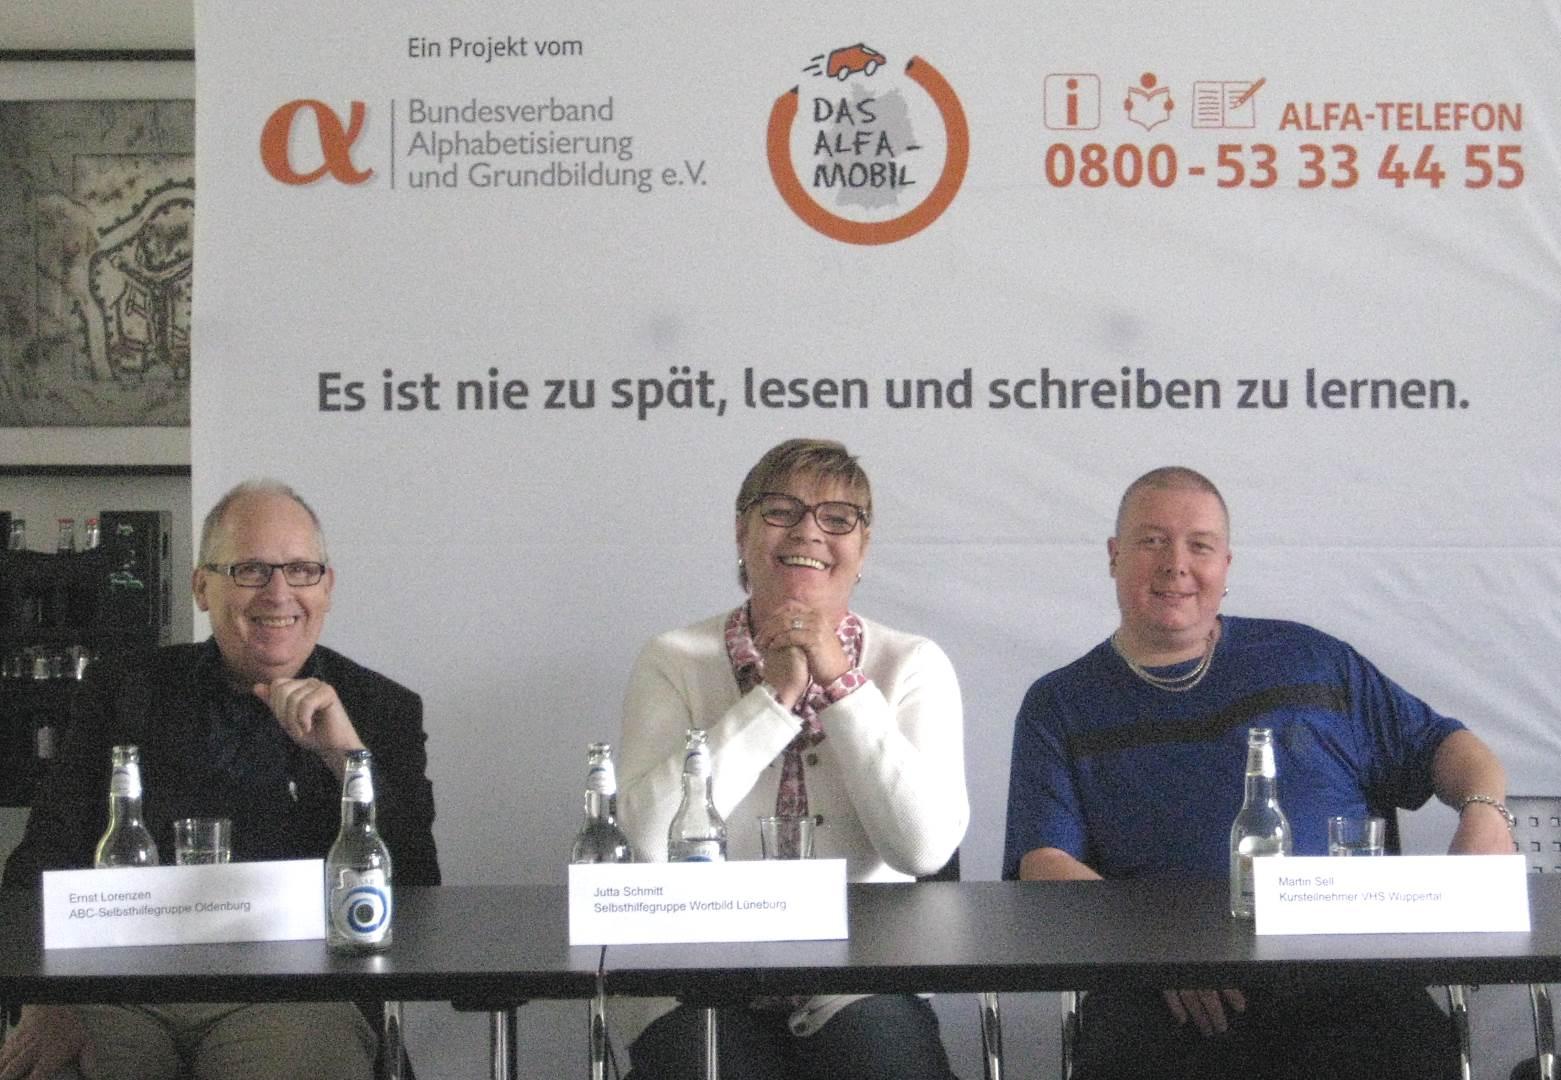 von li.: Ernst Lorenzen, Jutta Schmitt, Martin Sell | Foto: Achim Scholz